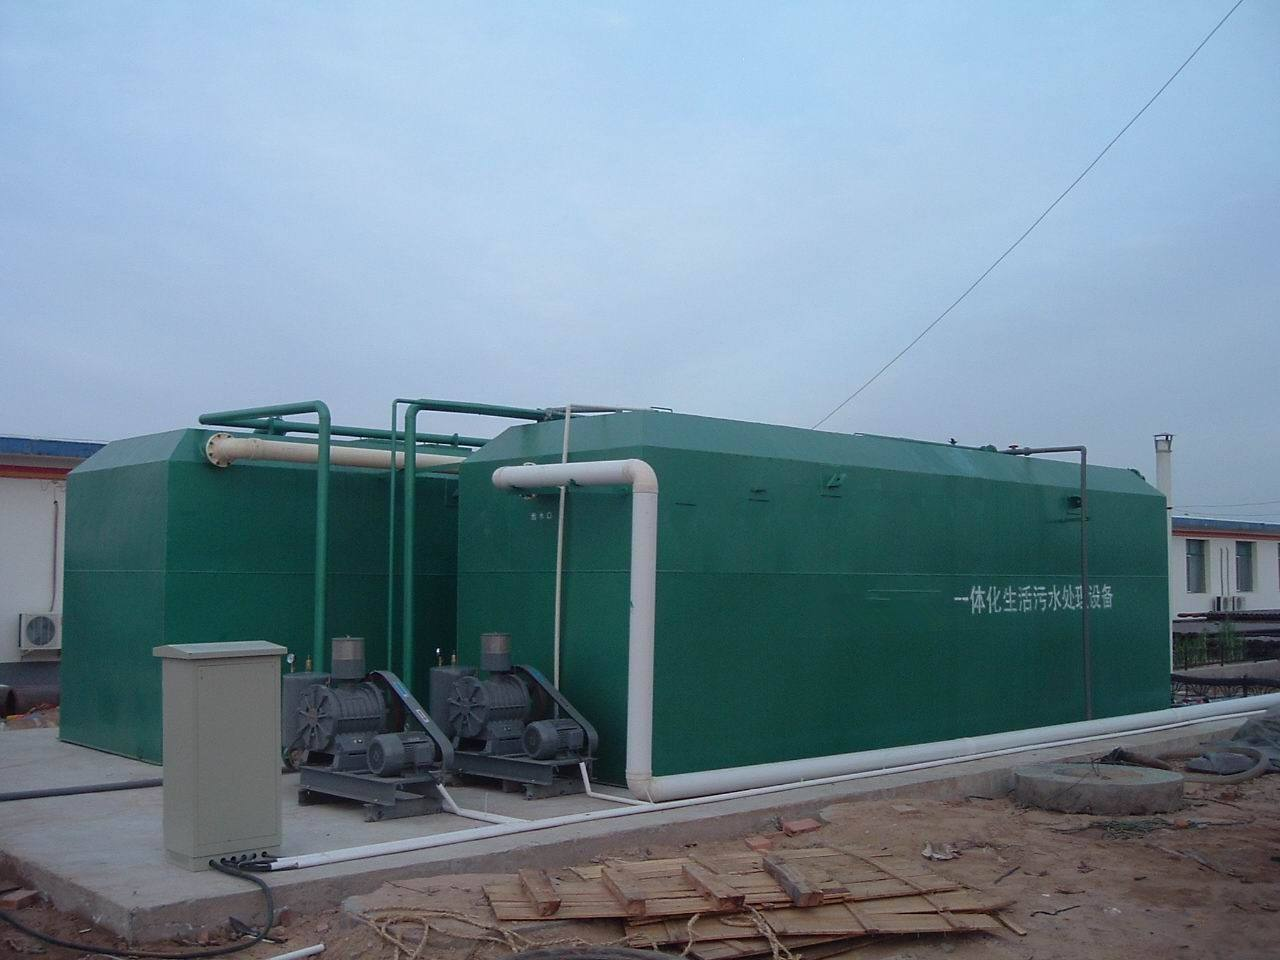 工业污水处理设备,西安生活污水处理,西安一体式污水处理,医院污水处理设备,小型污水处理一体机